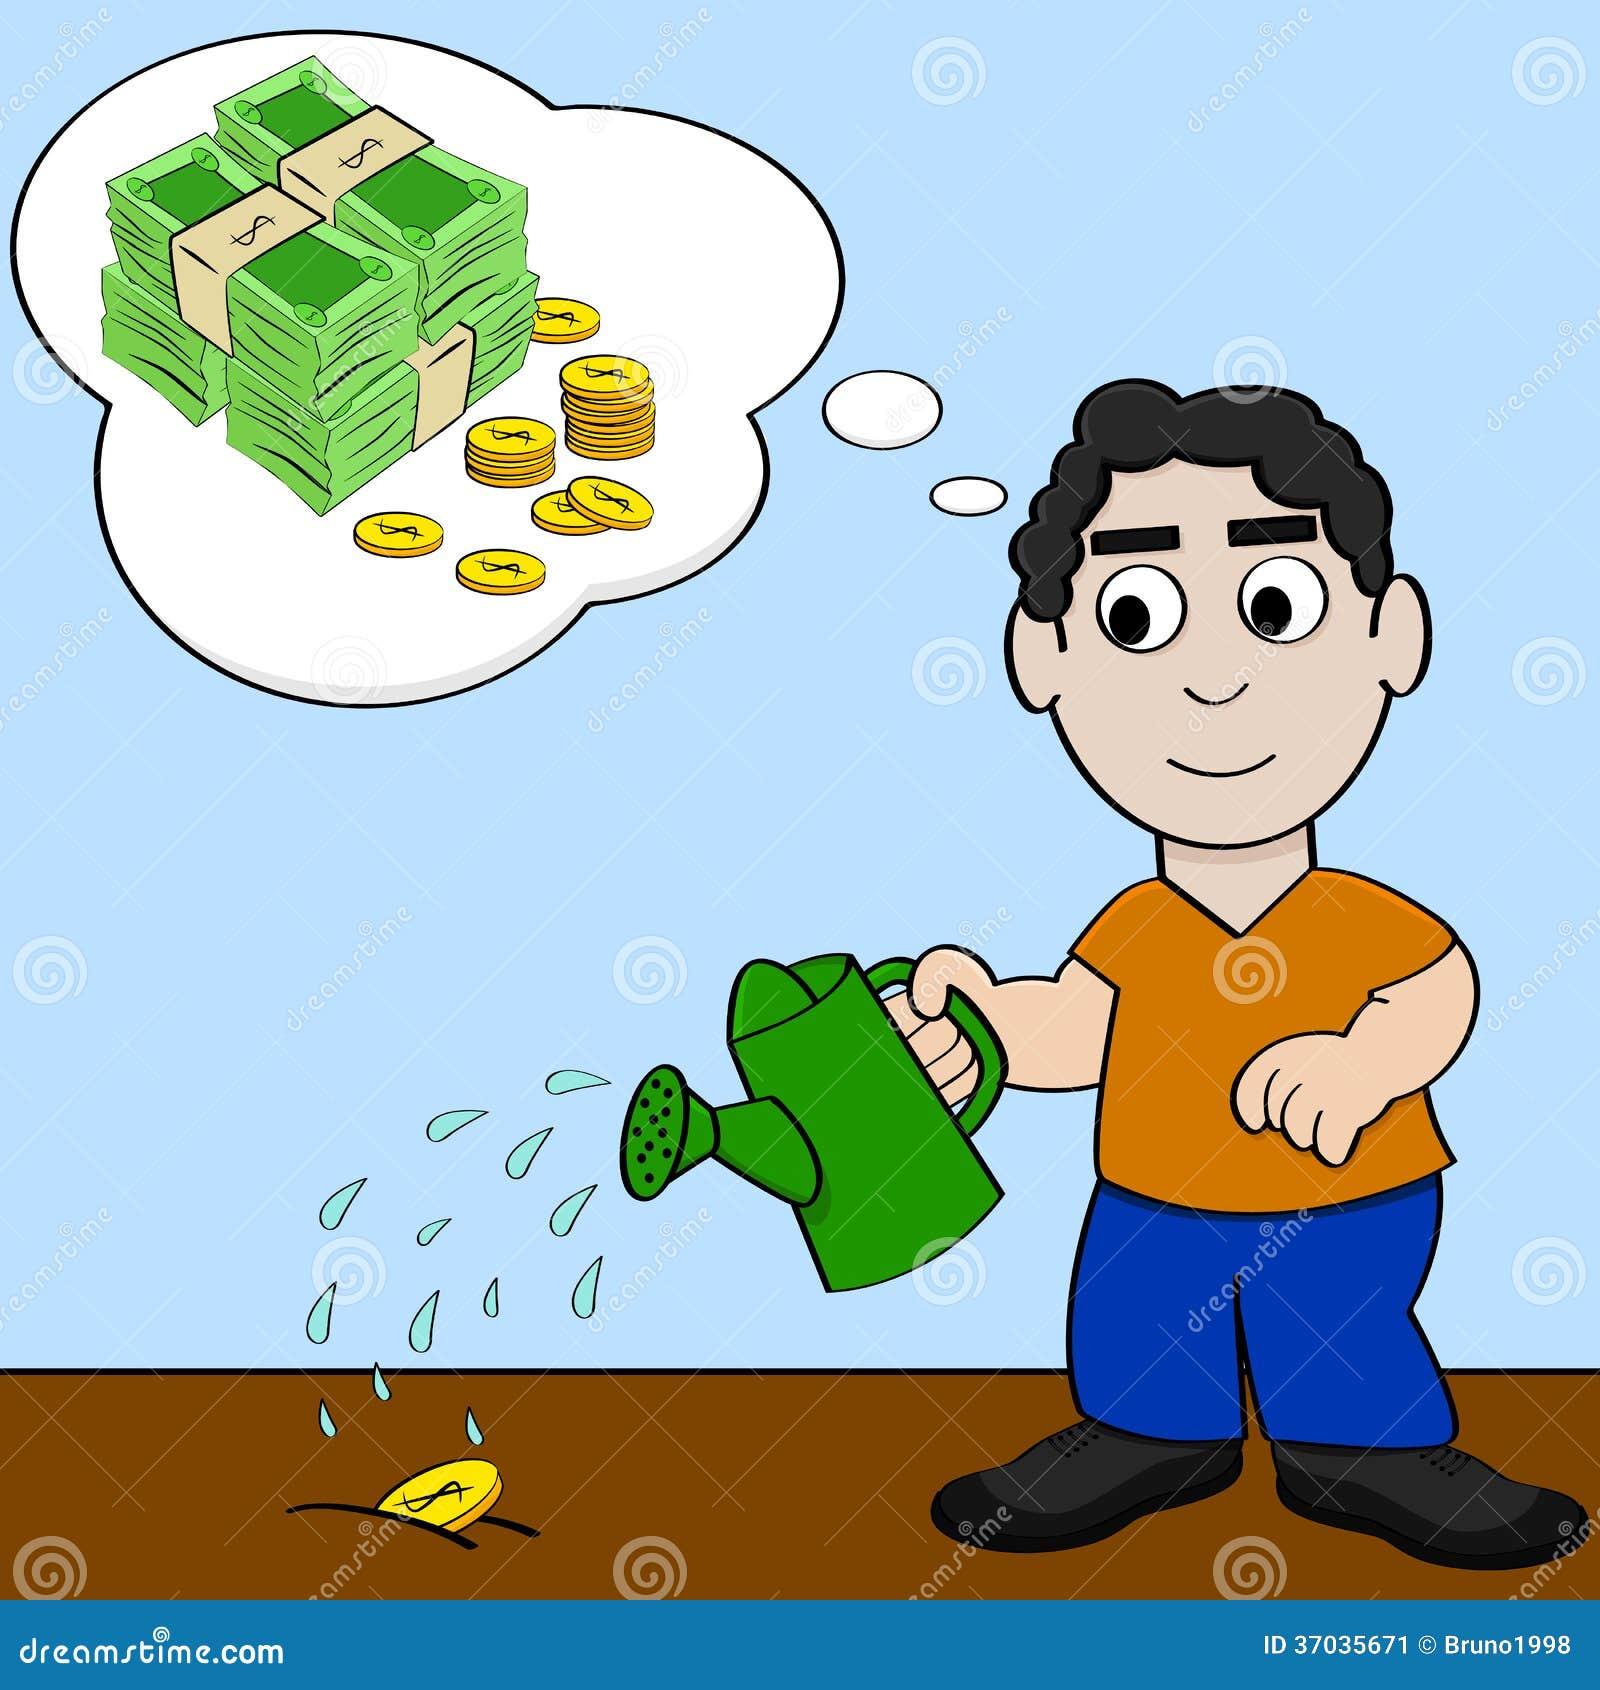 Homem de negócios ganha mais dinheiro | Vetor Premium |More Money Cartoon